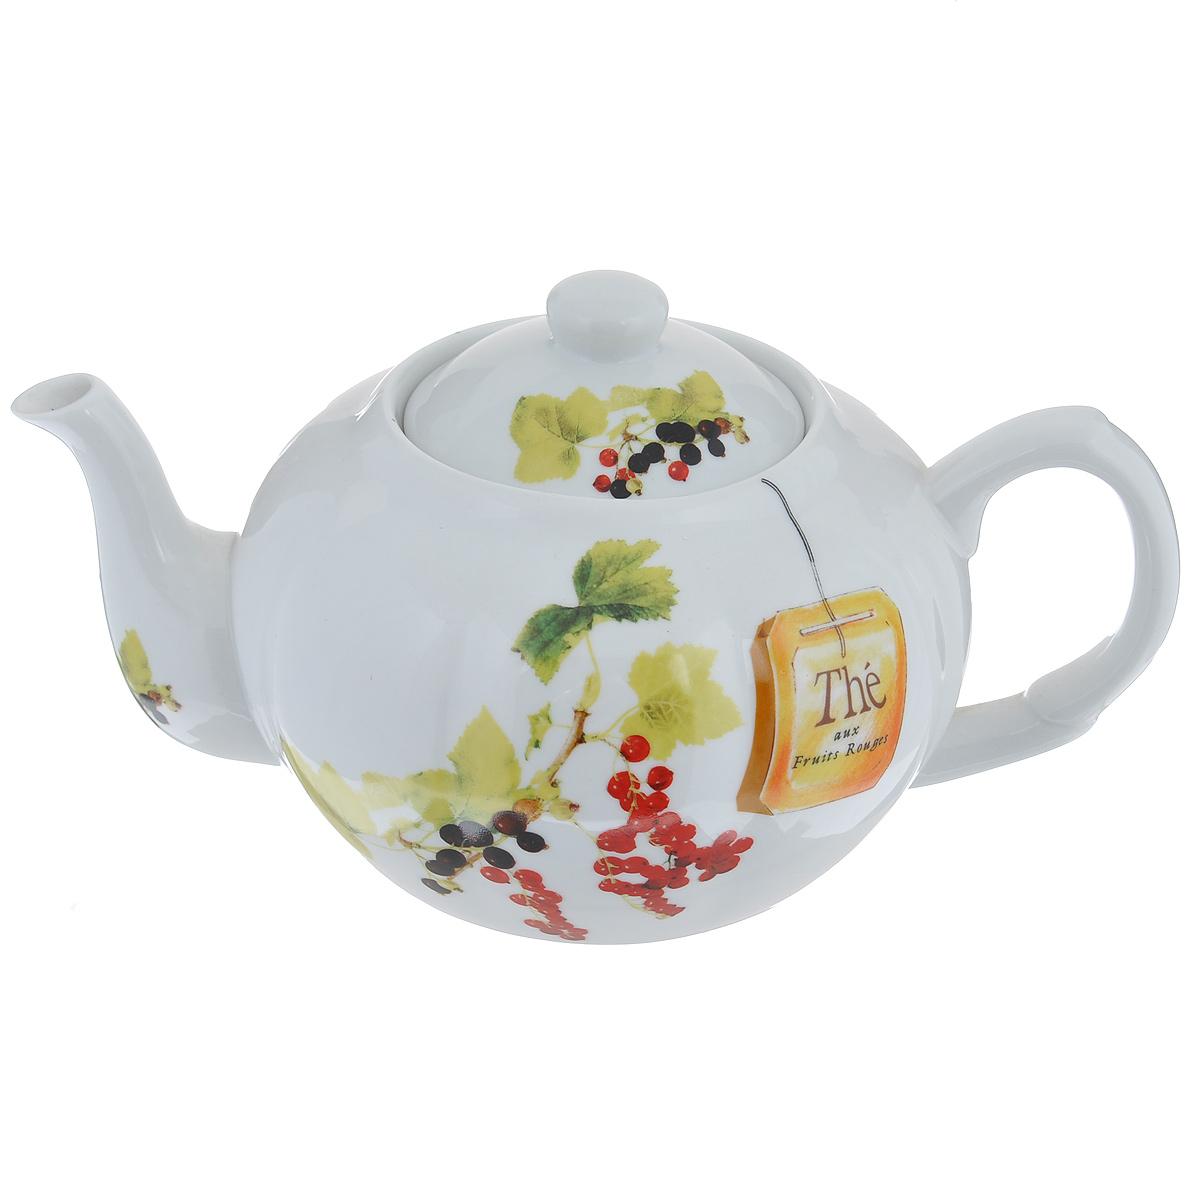 Чайник заварочный Larange Смородина, 1 л586-243Чайник Larange Смородина выполнен из высококачественного фарфора. Чайник декорирован изображением ягод красной и черной смородины. Чайник Larange Смородина предназначен для заваривания чая. Элегантный дизайн и совершенные формы чайника привлекут к себе внимание и украсят интерьер вашей кухни. Чайник Larange Смородина будет не только прекрасным украшением вашего стола, но и отличным подарком к любому празднику.Не использовать в микроволновой печи. Не применять абразивные чистящие вещества. Диаметр чайника по верхнему краю: 8,5 см.Высота чайника: 9,5 см.Диаметр дна чайника: 9 см. Длина чайника (с учетом ручки и носика): 23 см.